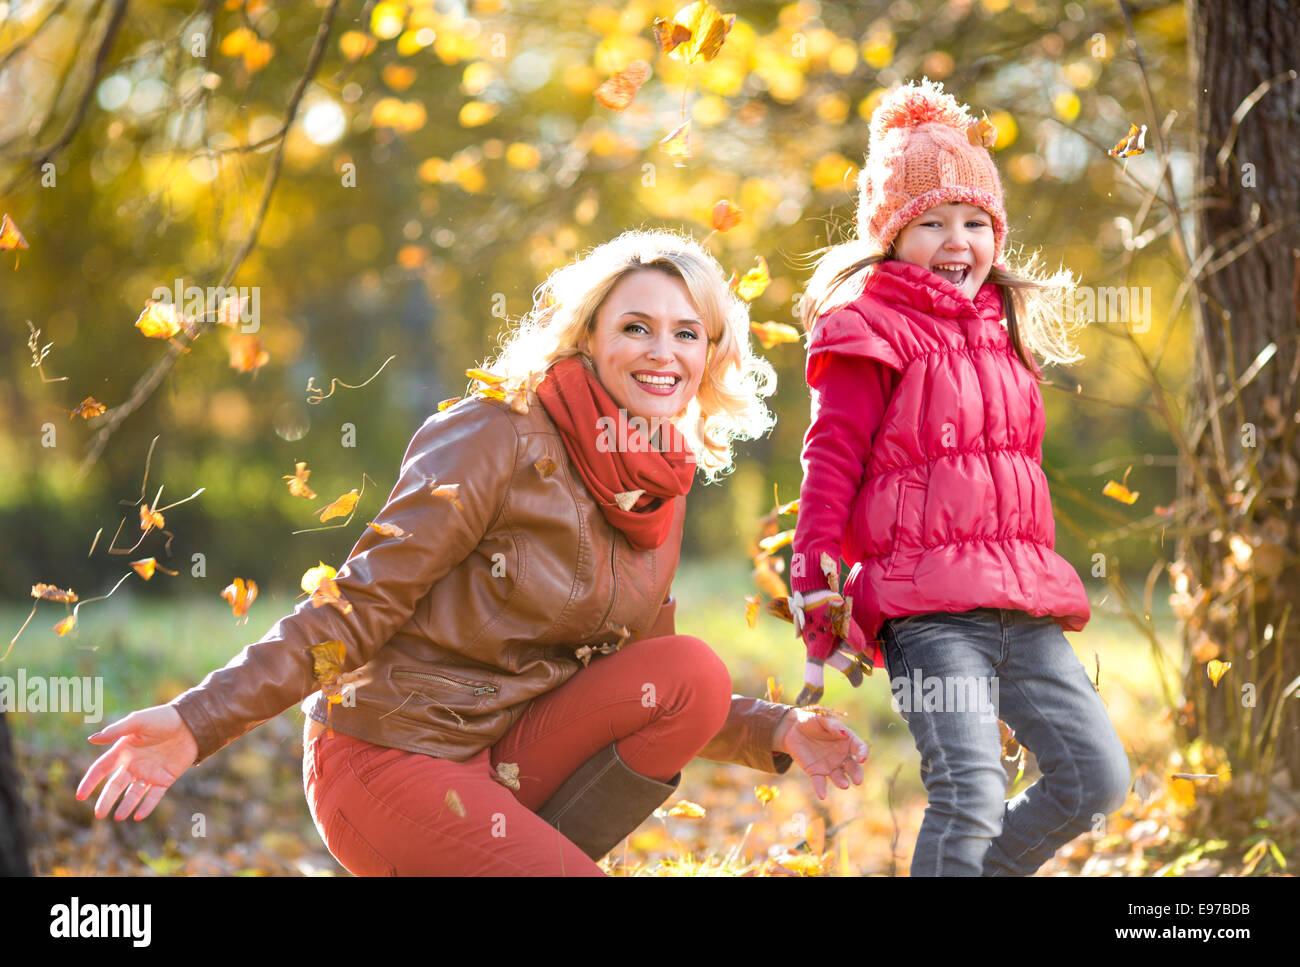 Glückliche Eltern und Kind im freien Spiel mit gelben Blätter im Herbst Stockbild